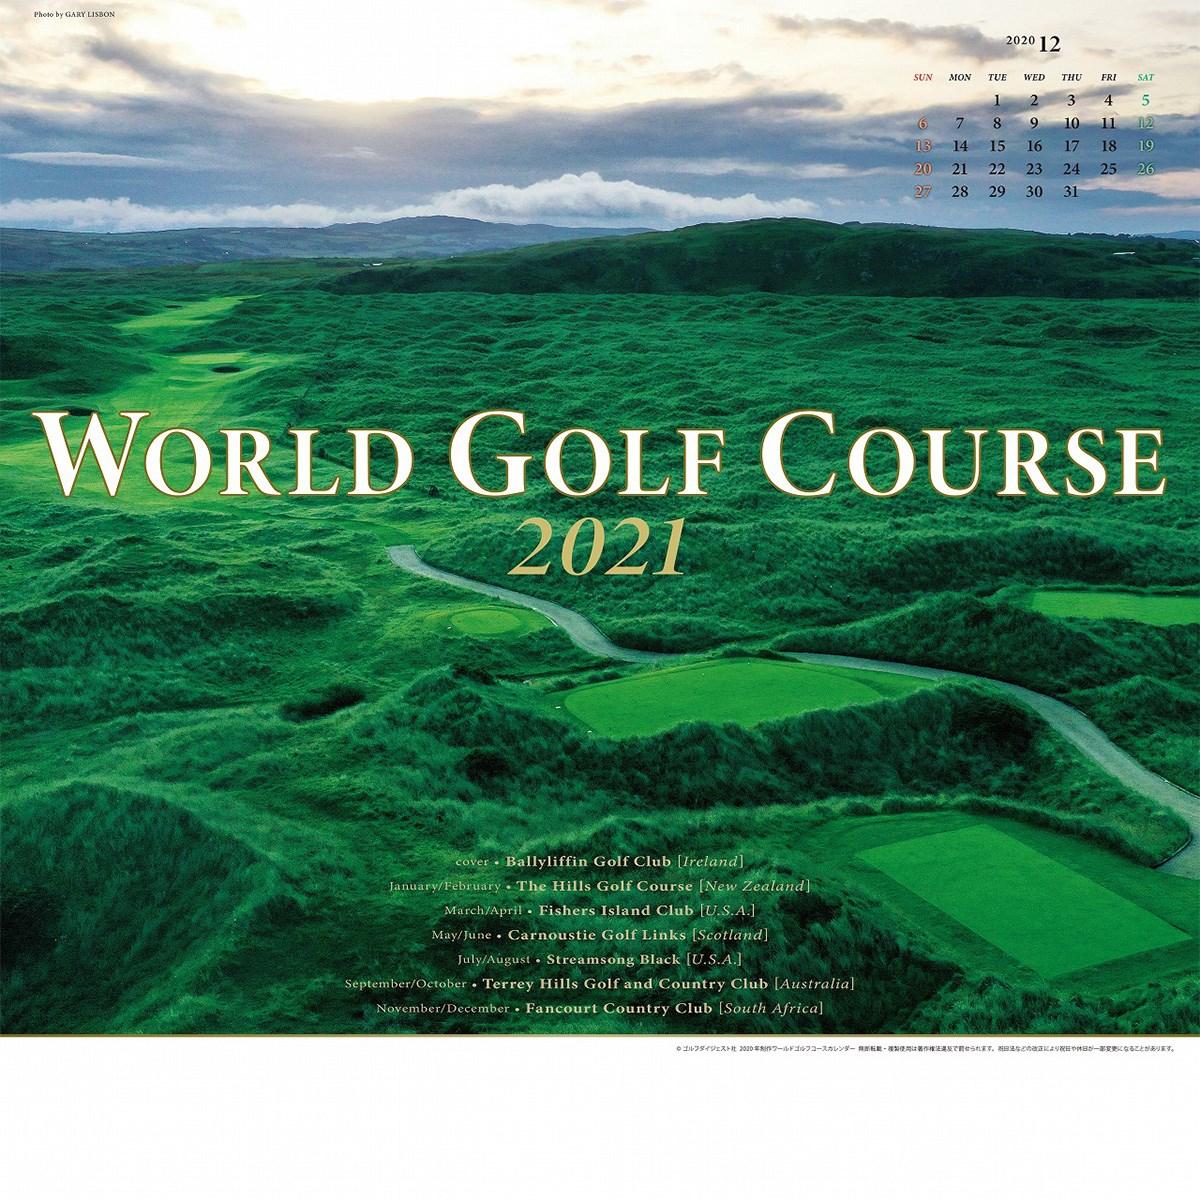 ゴルフダイジェスト(GolfDigest) 2021ワールドゴルフコースカレンダー